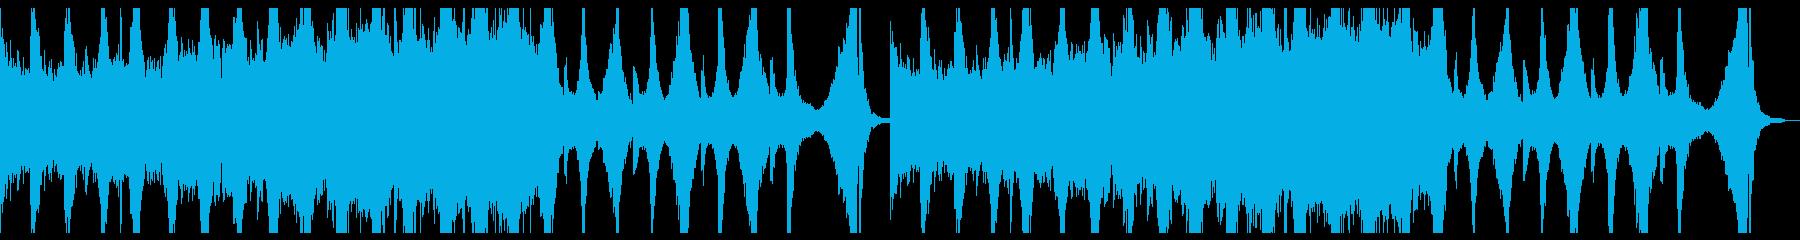 激しいピアノのリフから始まる曲調の再生済みの波形